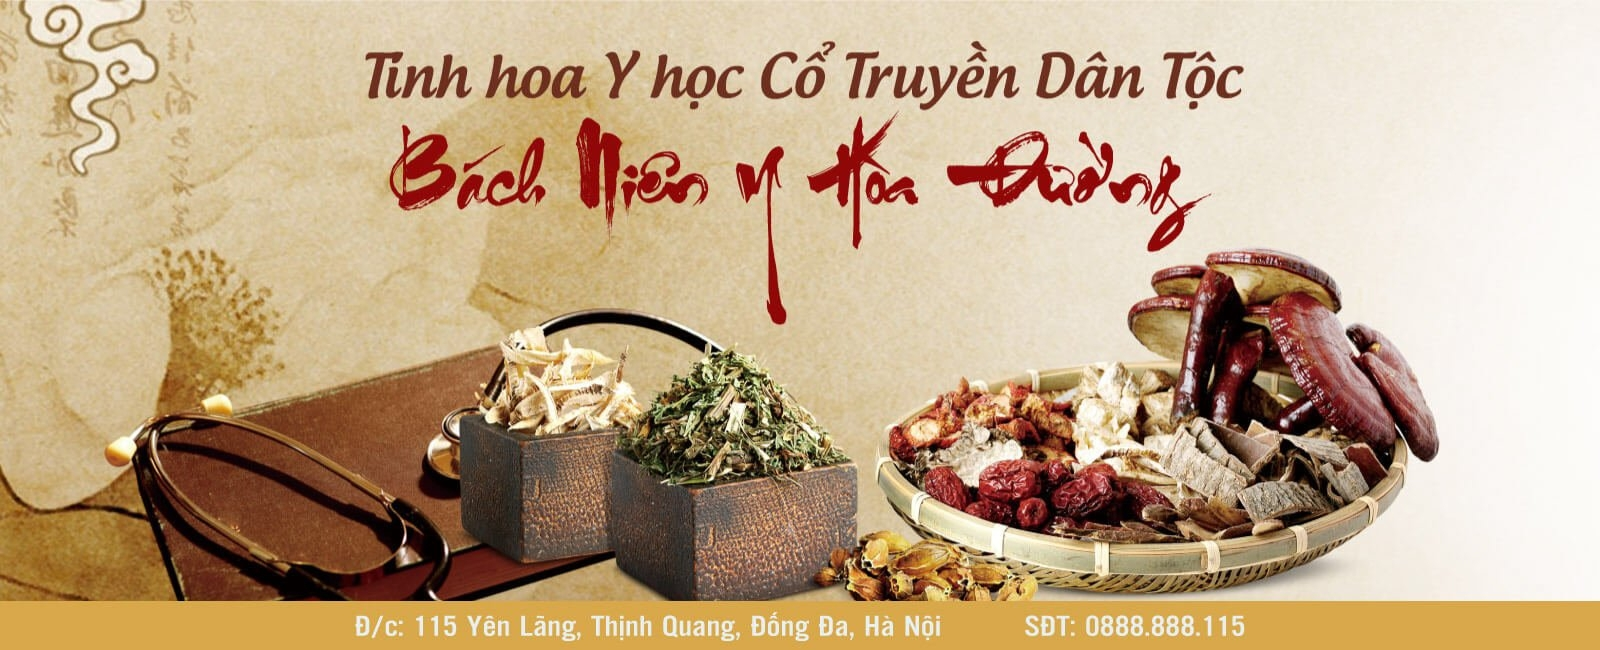 Bách Niên Y Hòa Đường (@yhoaduong115) Cover Image